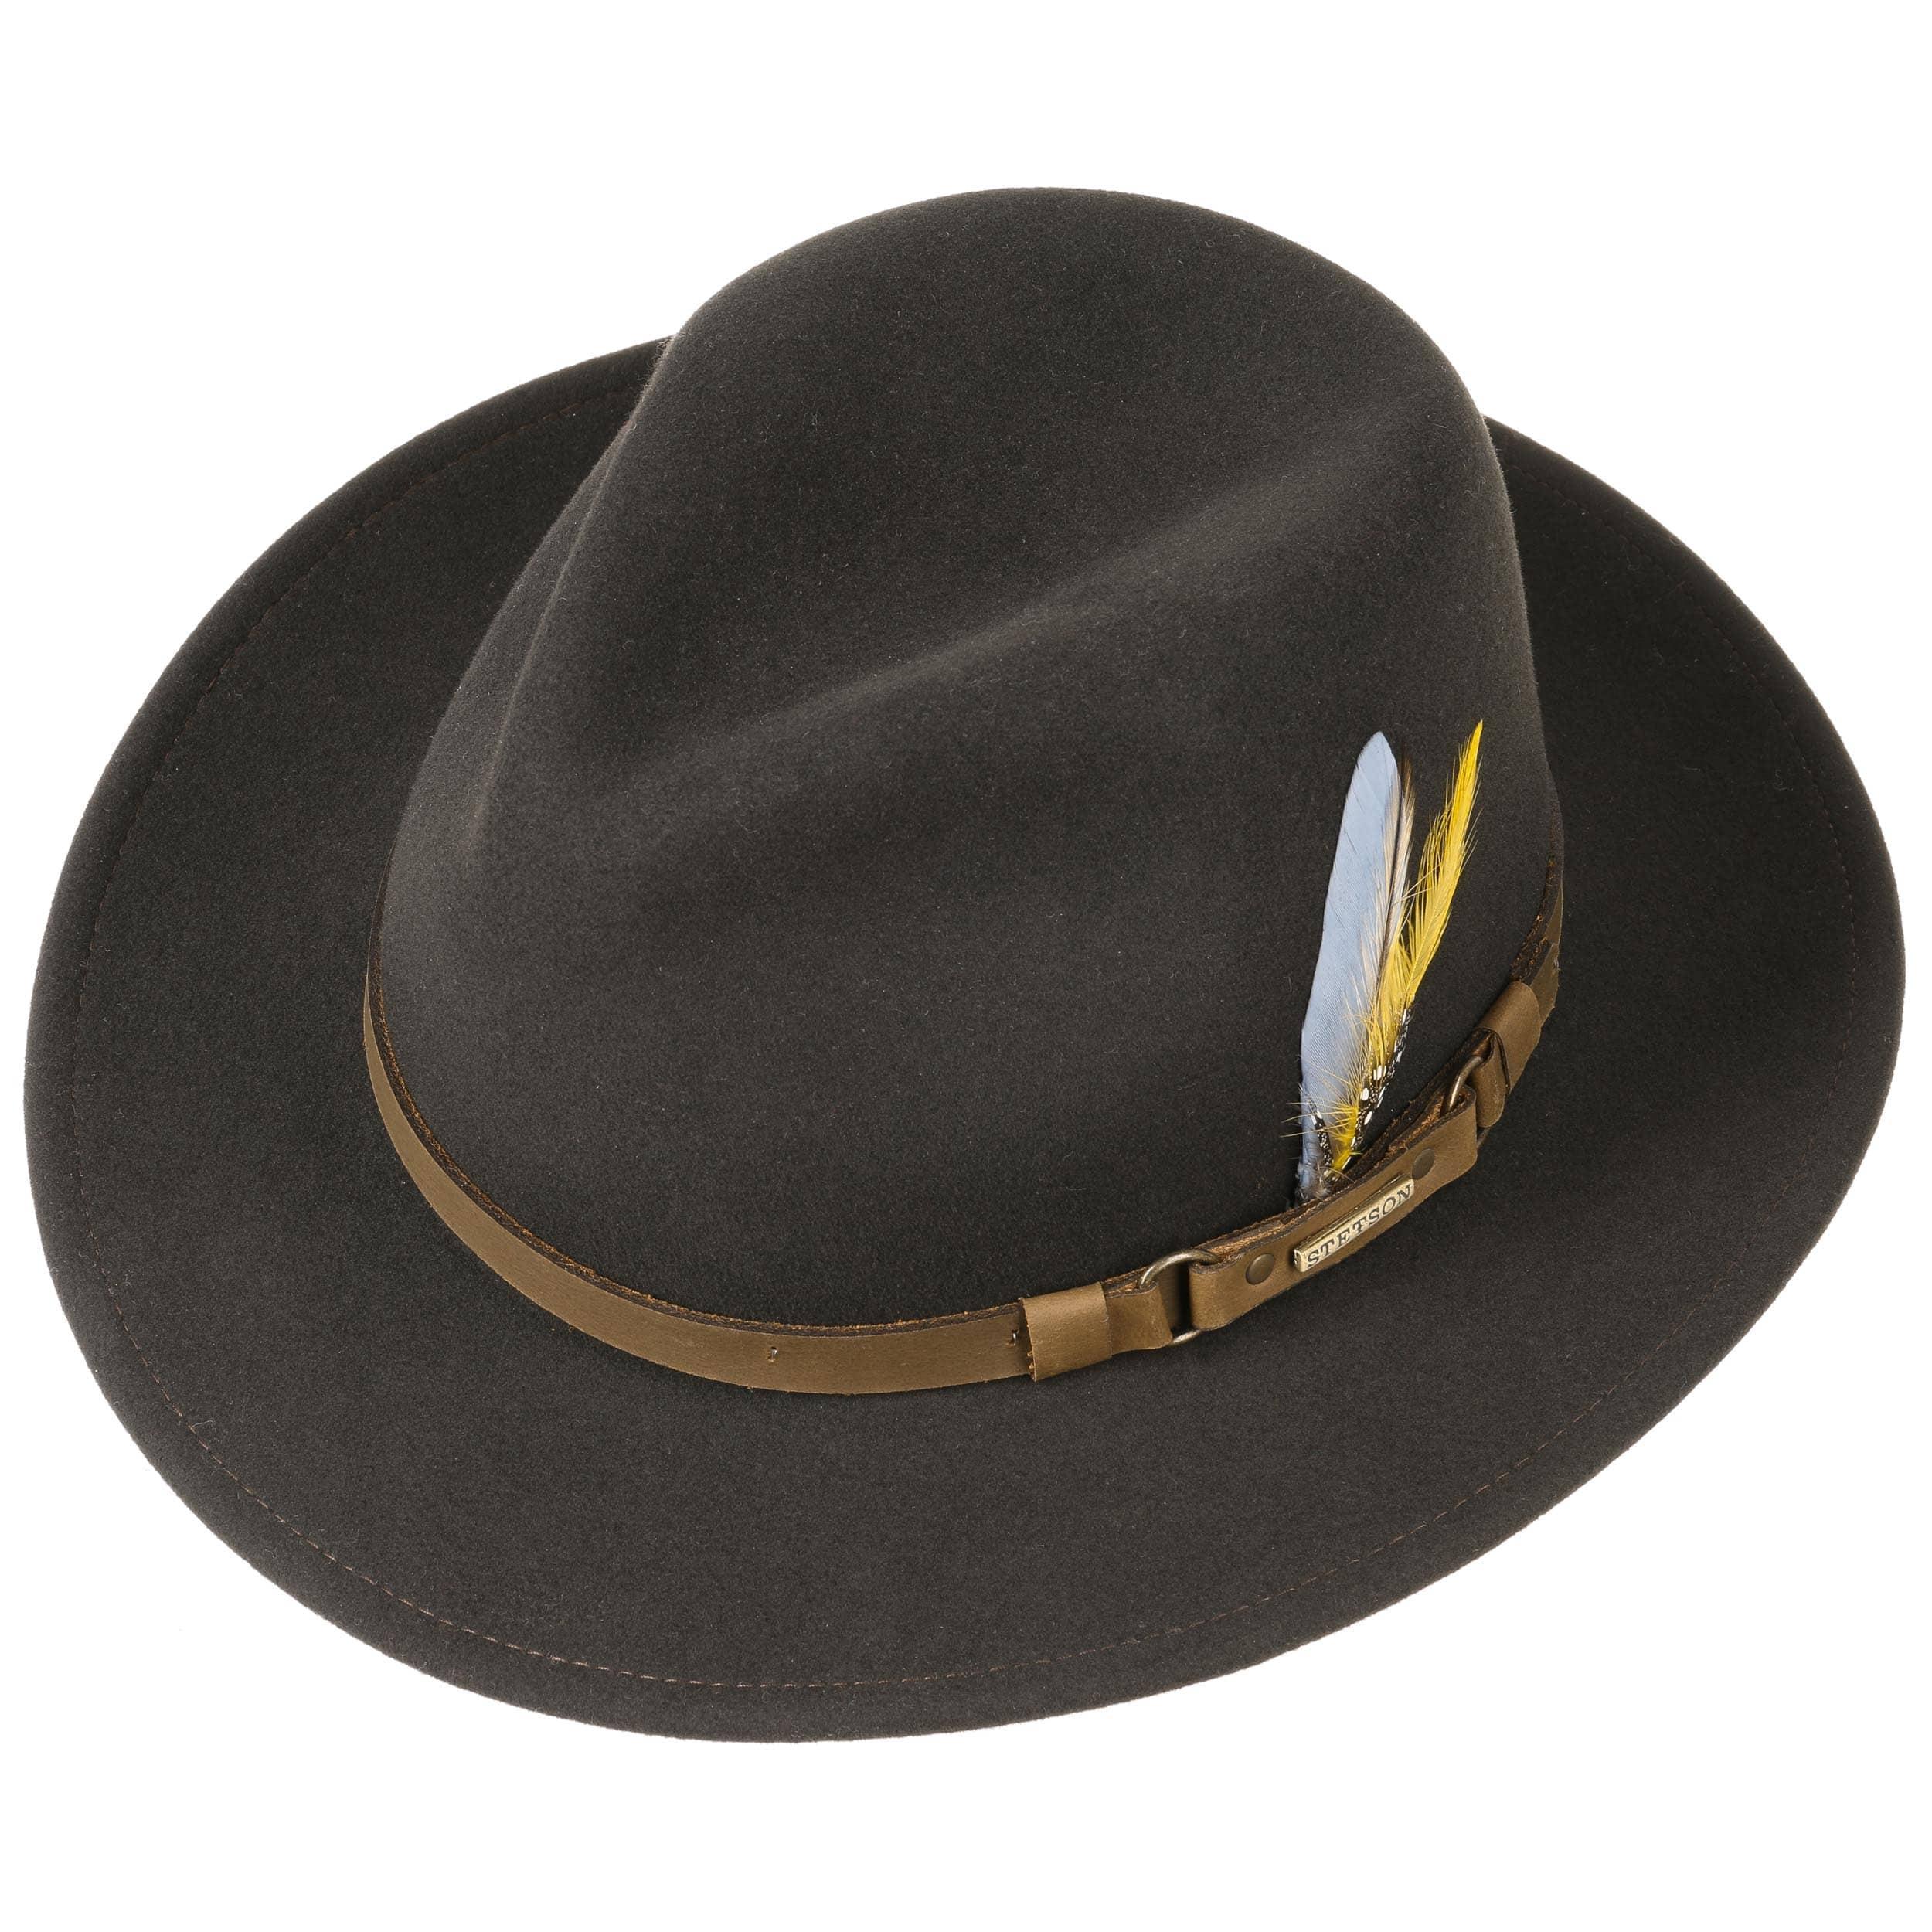 ... Hamlin VitaFelt Traveller Hat by Stetson - brown 1 ... d0eebe7c77d